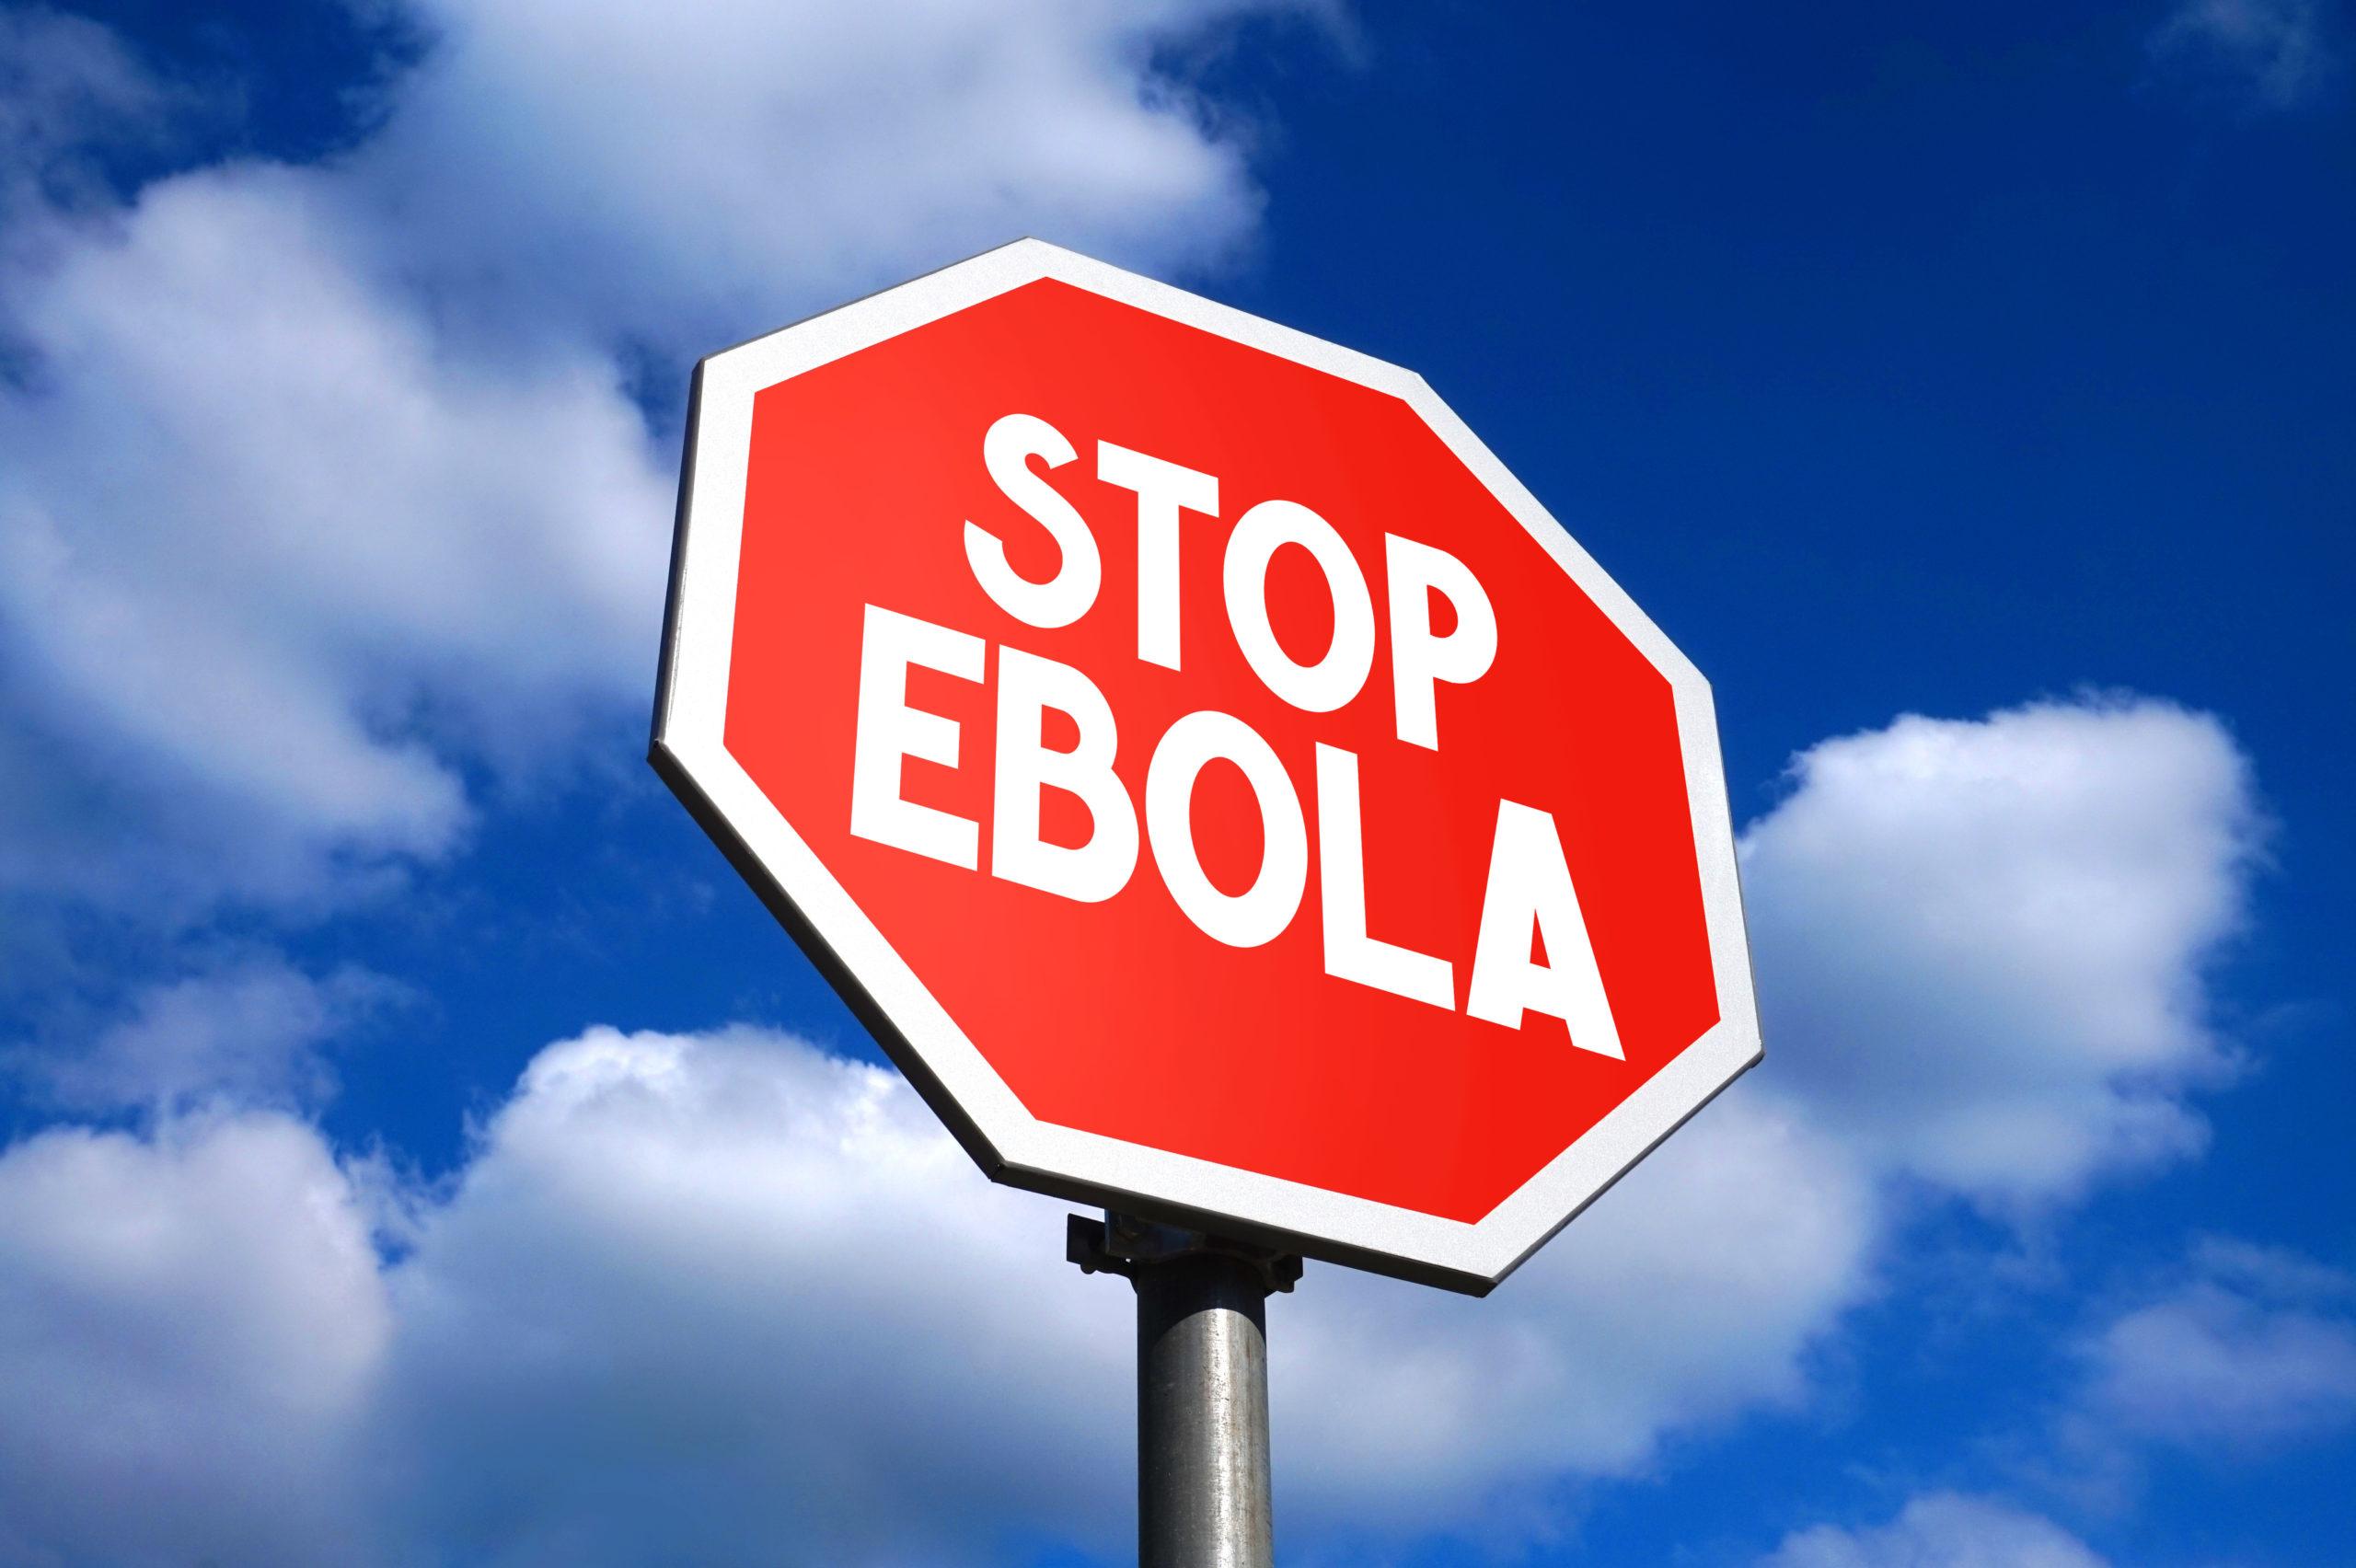 Maladie à virus Ebola en République démocratique du Congo